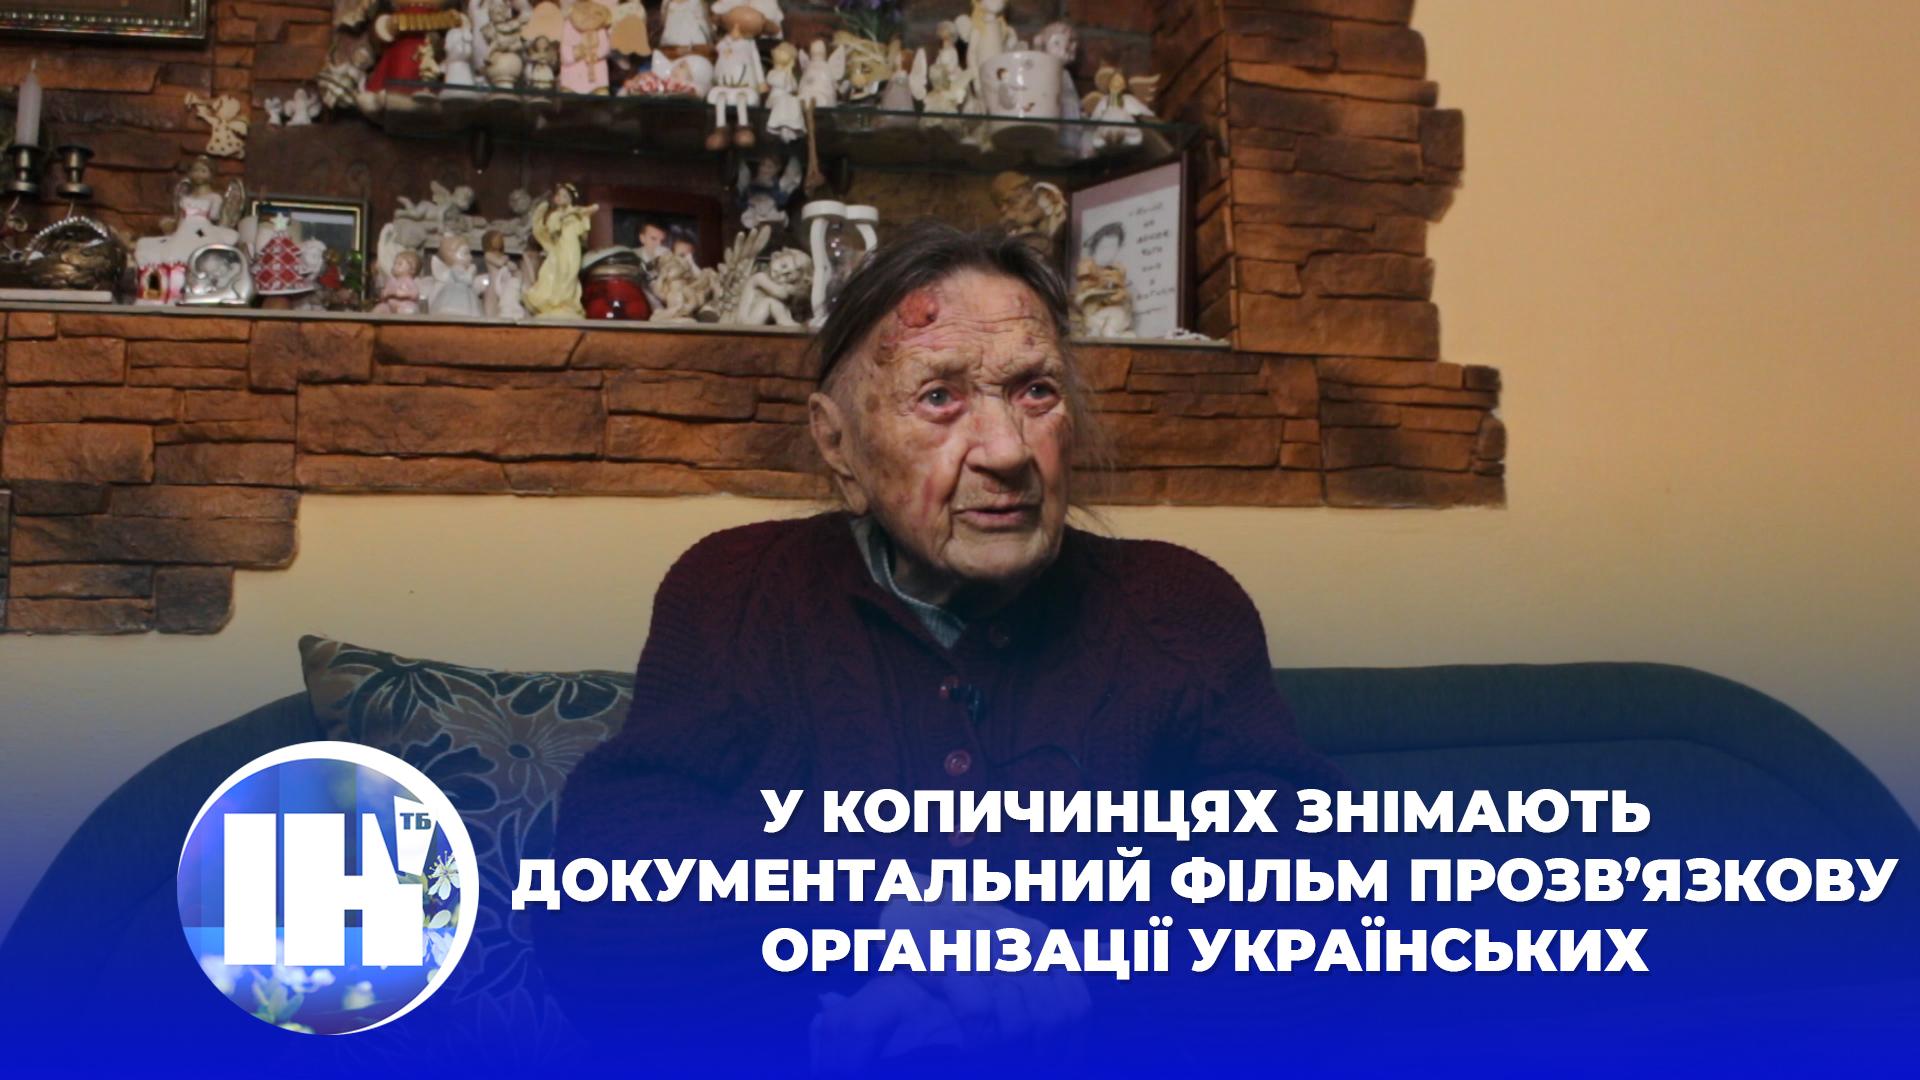 У Копичинцях знімають документальний фільм прозв'язкову Організації Українських Націоналістів